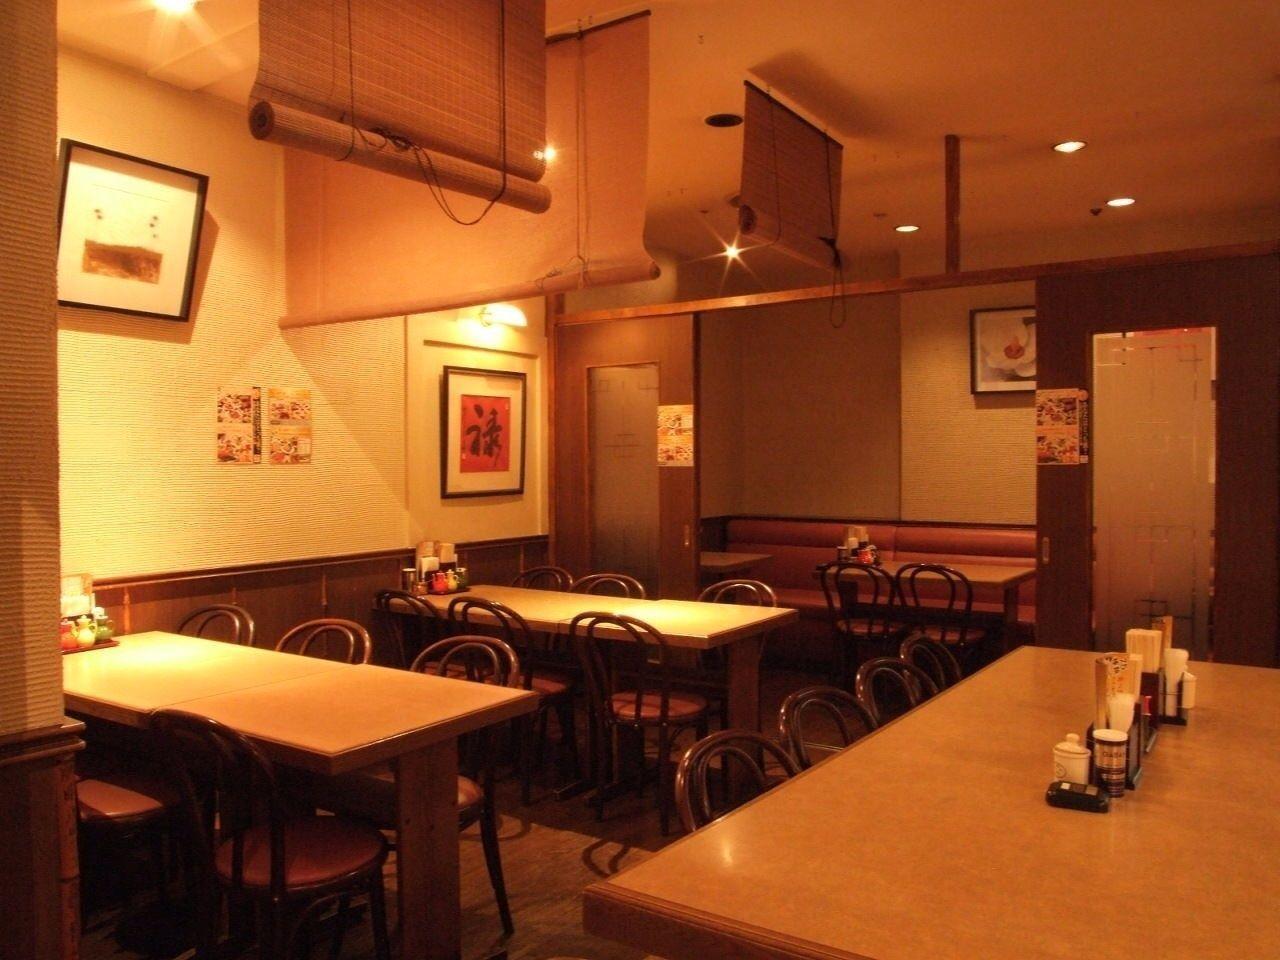 【町田駅周辺でランチ】おしゃれカフェなどおすすめ12選をご紹介!の画像